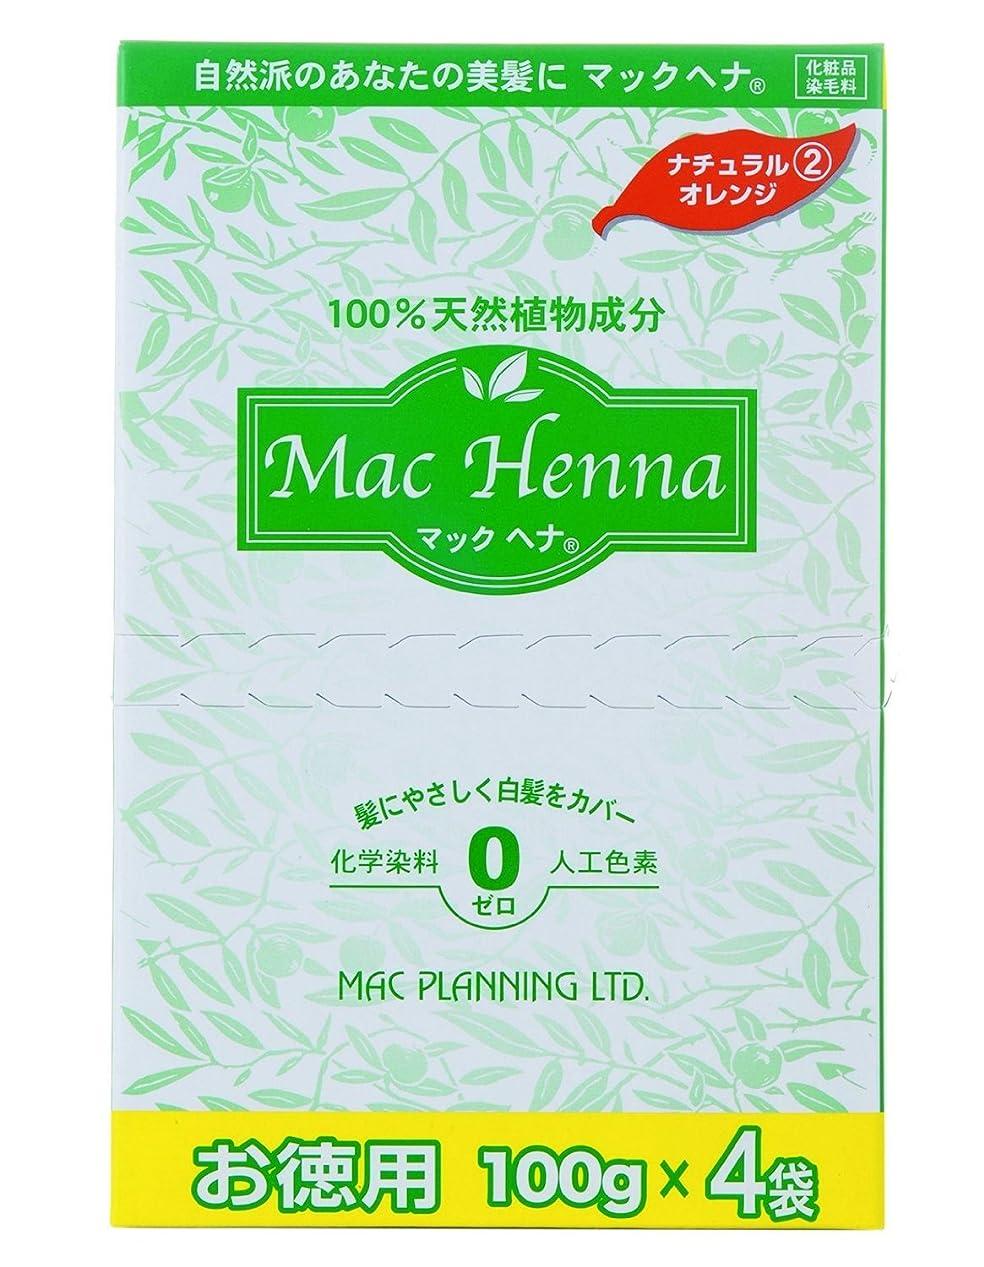 コンサルタント表面三番マックヘナ お徳用(ナチュラルオレンジ)-2 400g(100g×4袋)